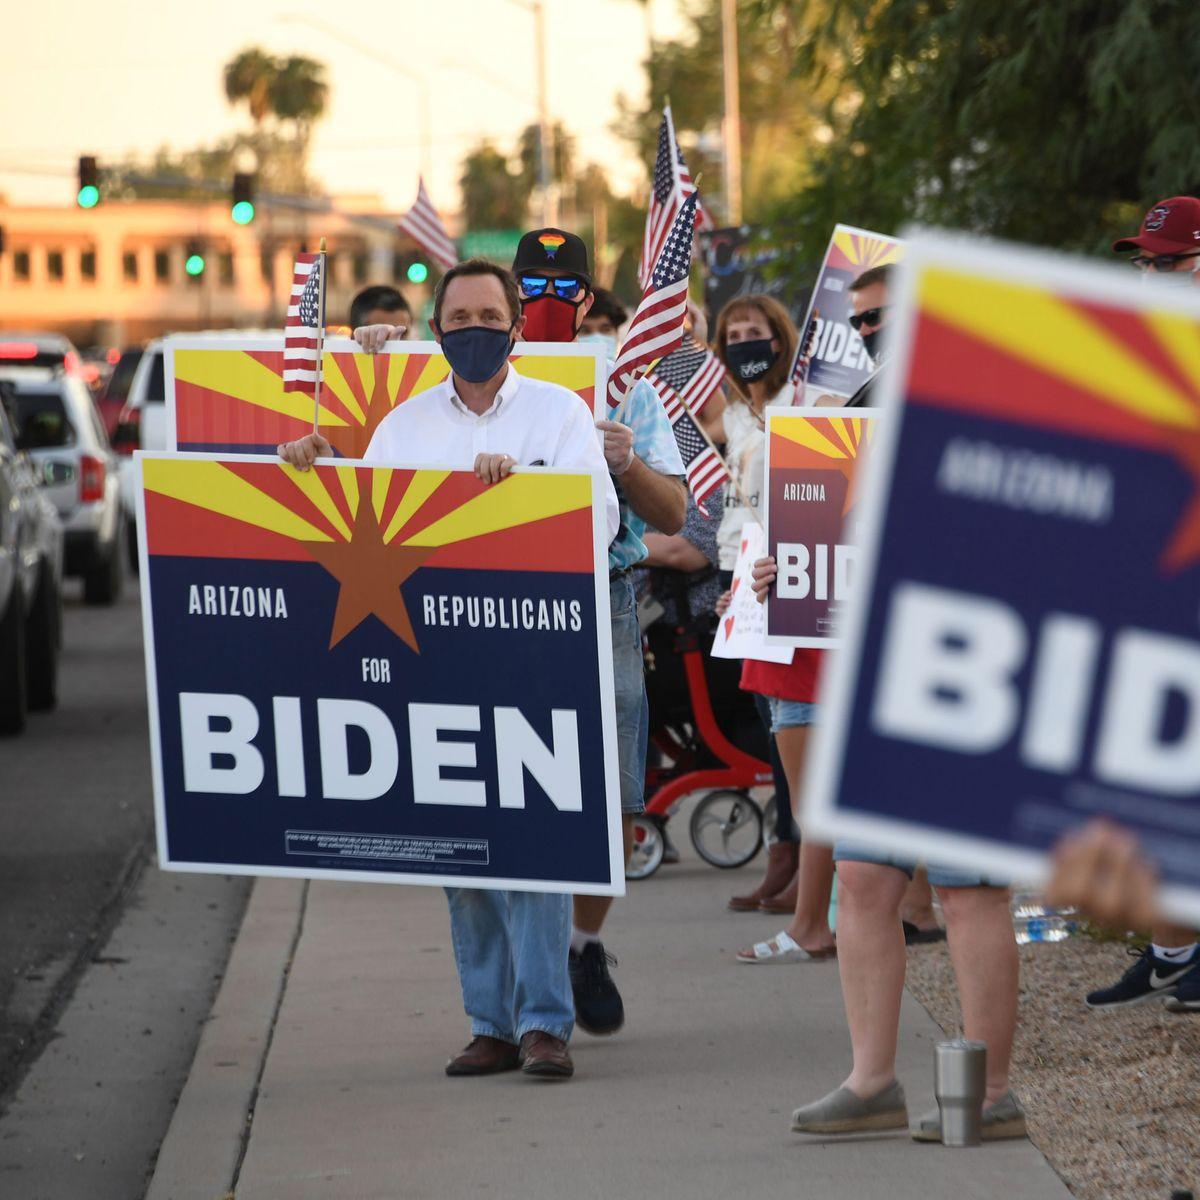 Buscará Trump hoy asegurarse victoria en estado clave de Arizona